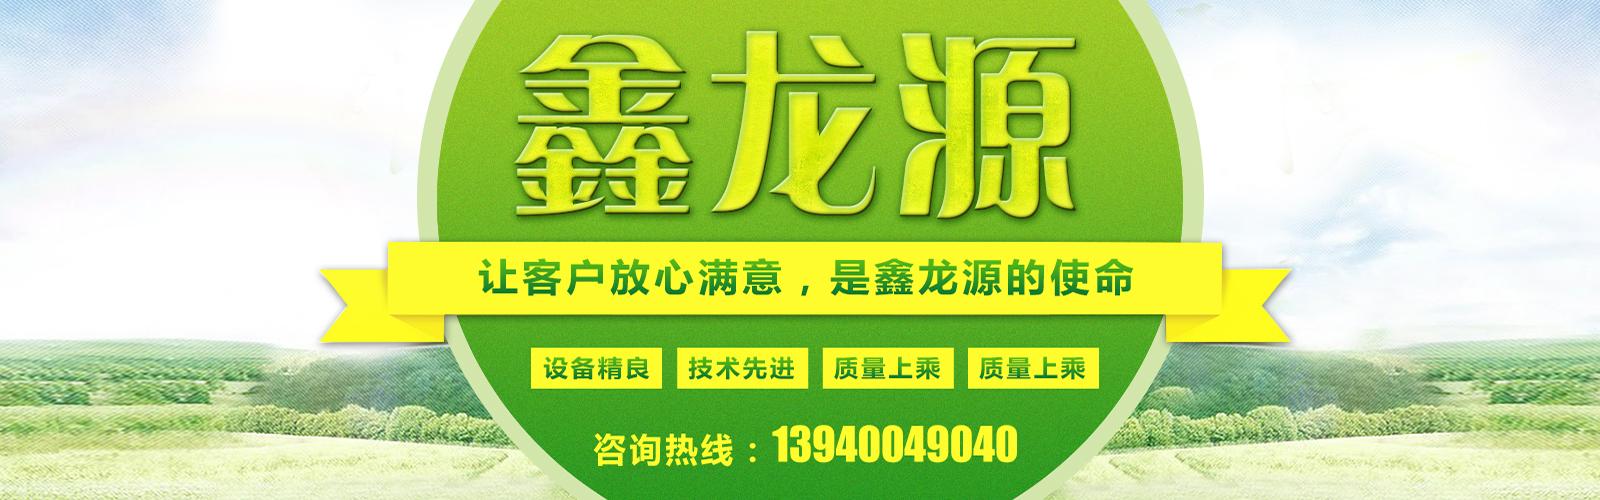 沈阳市鑫龙源包装制品厂